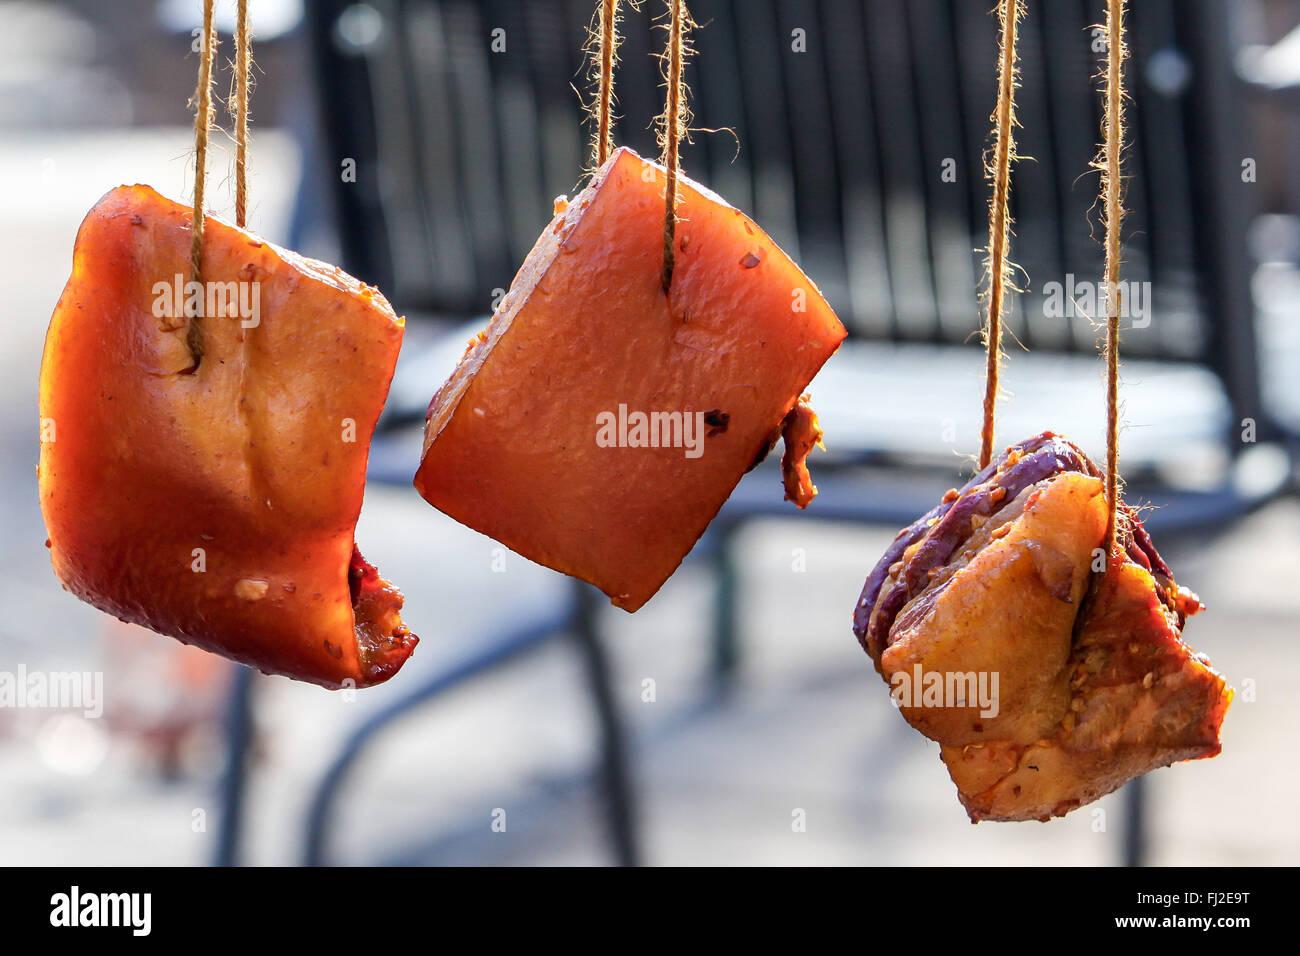 Trois bacon étendus dehors avec rétroéclairage Photo Stock